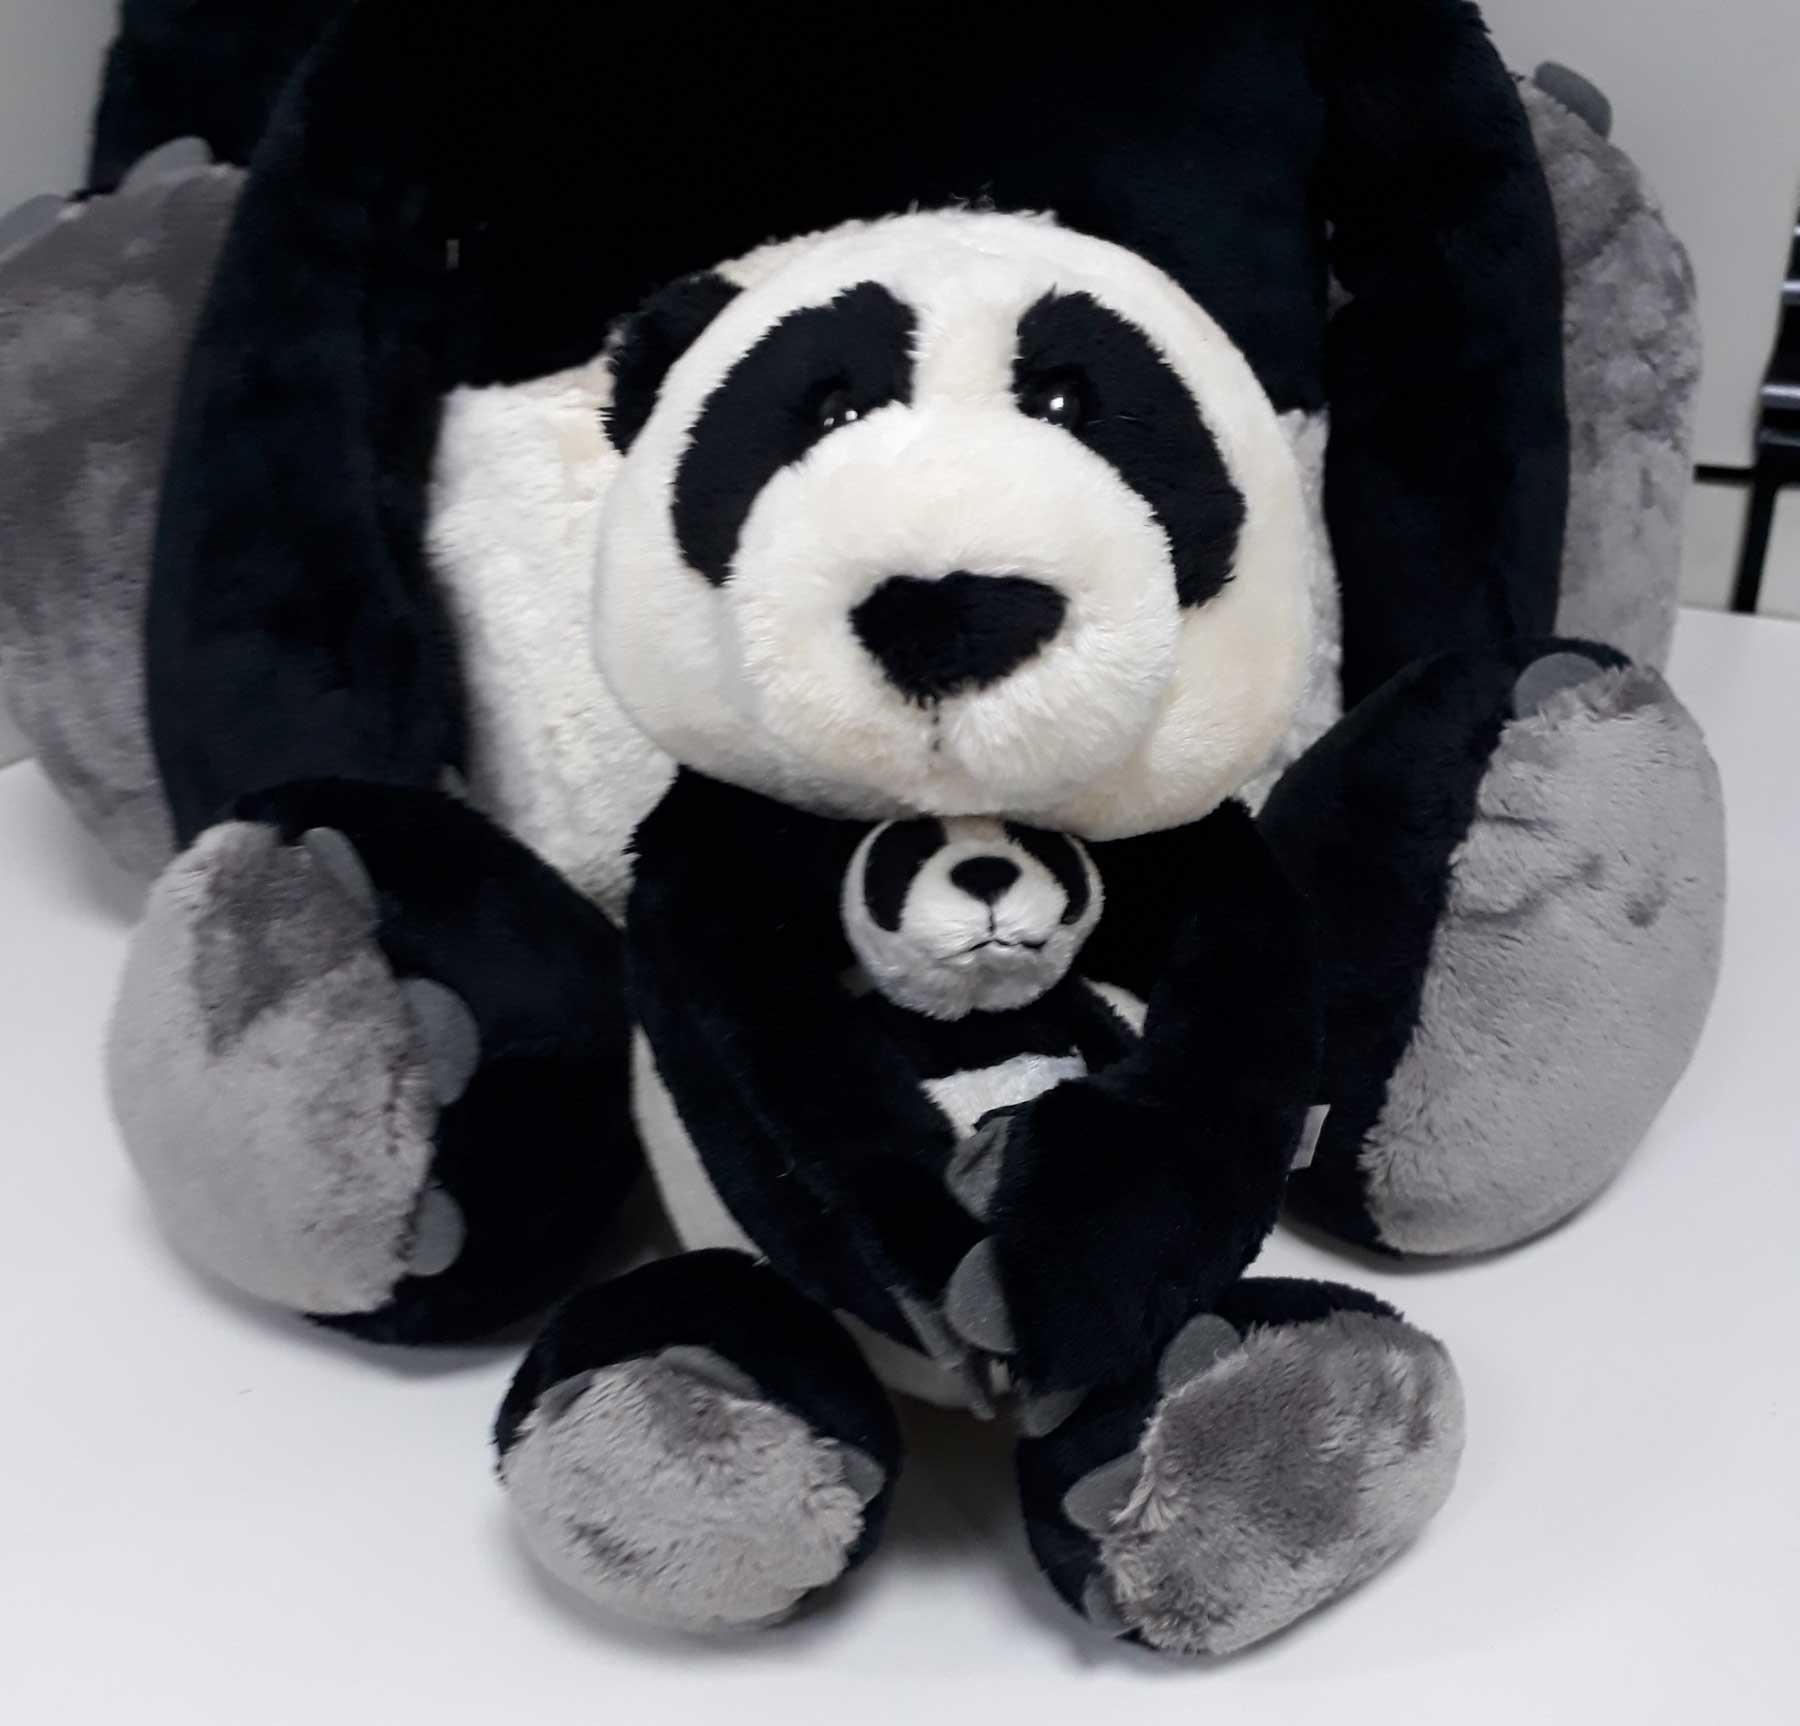 Urso de Pelúcia Panda Nici 25cm Mamãe com filhote 8cm Ursinho para decoração presente mãe namorada aniversário artesanato enfeite festas eventos natal ano novo amigo secreto